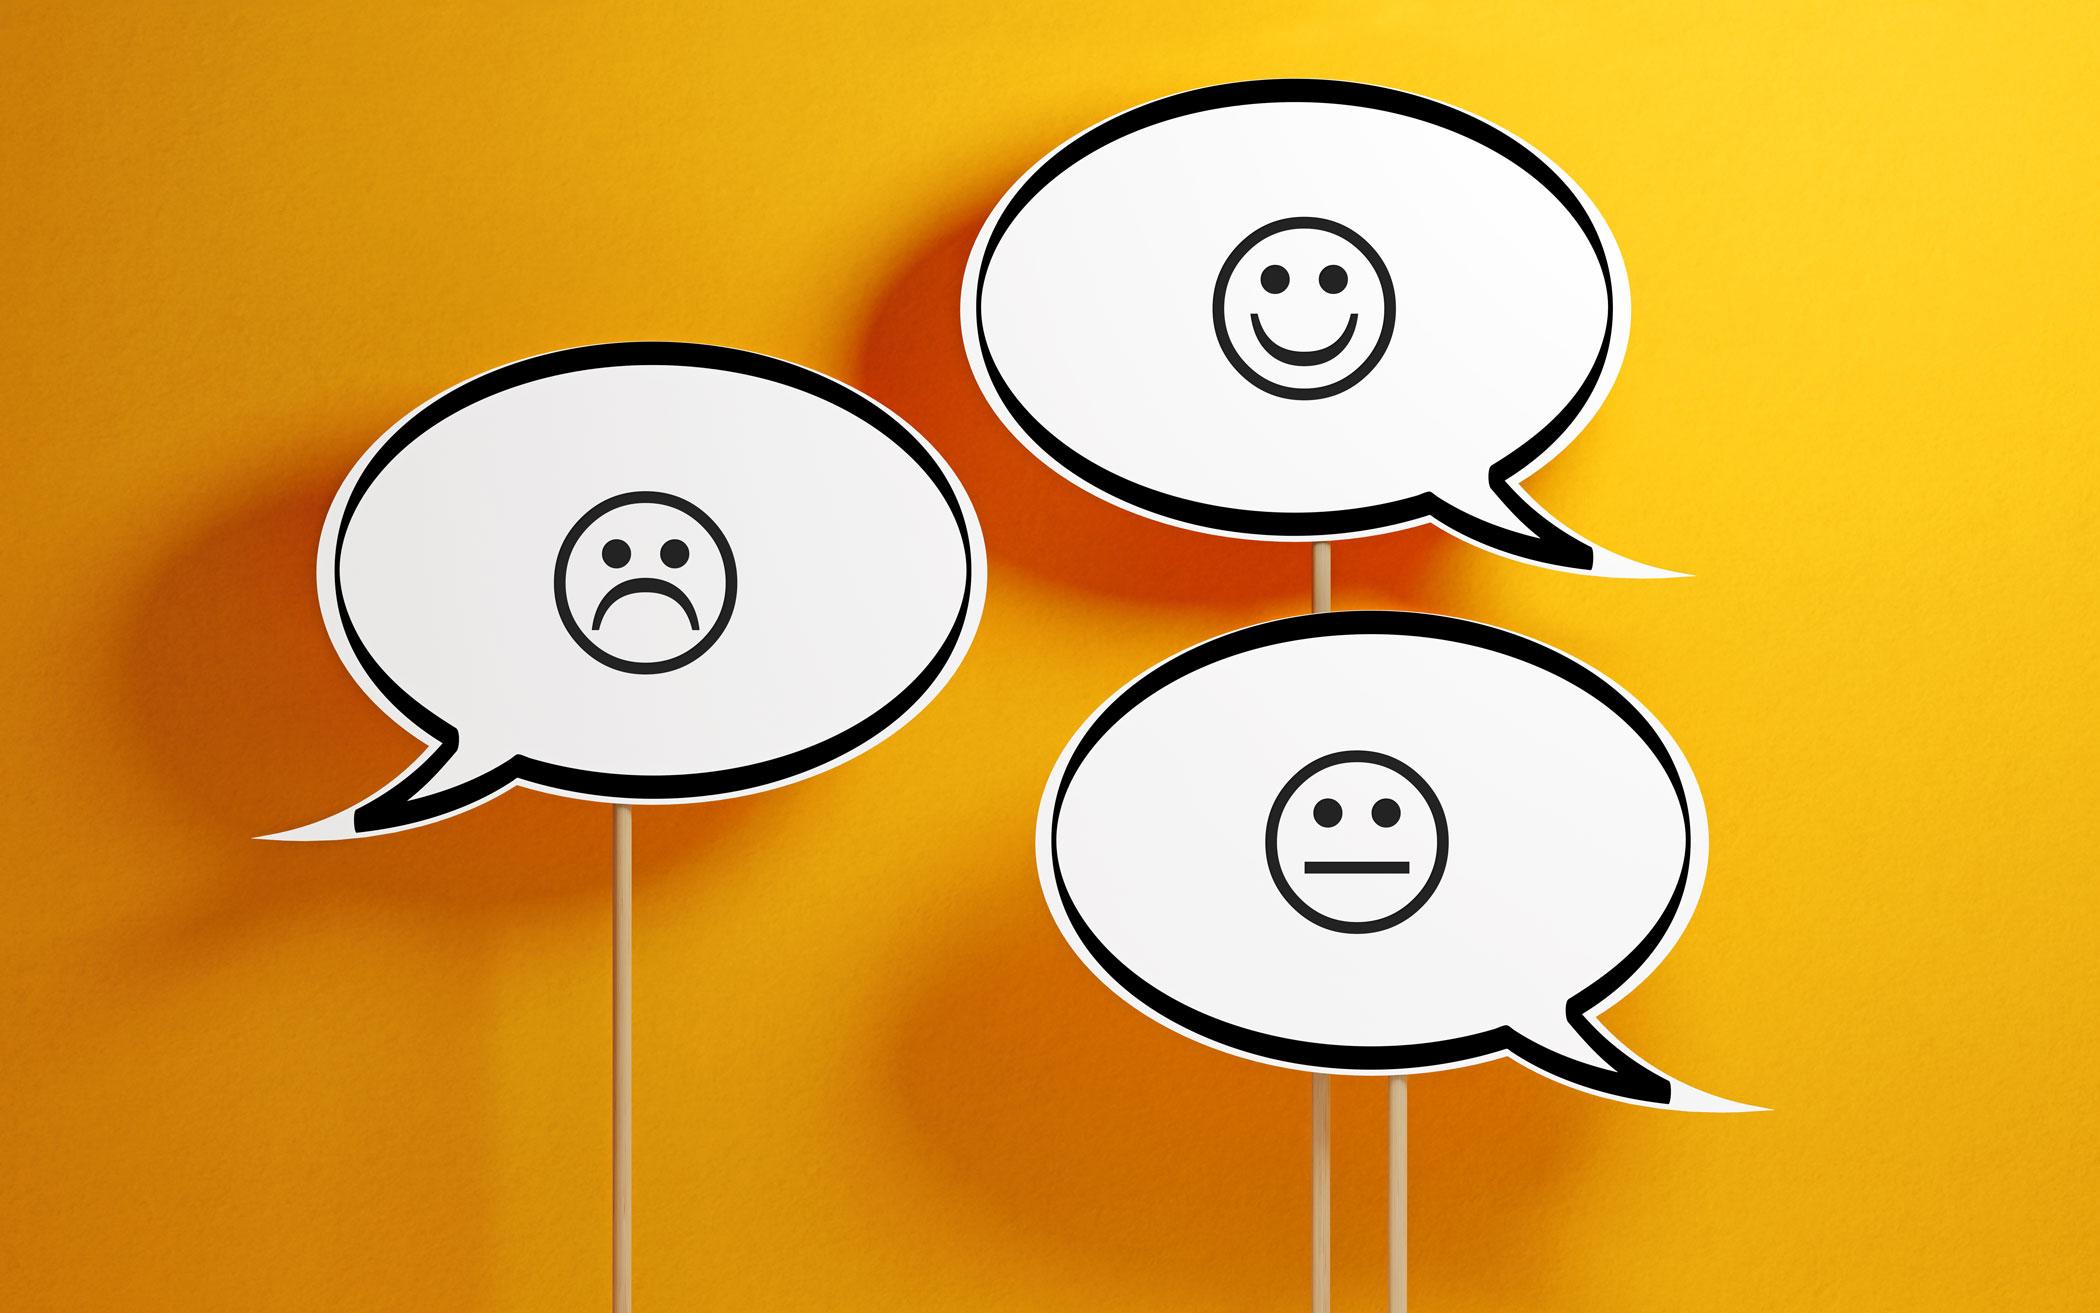 Drei Sprechblasen mit einem traurigen, fröhlichen und gleichgültigen Smiley.